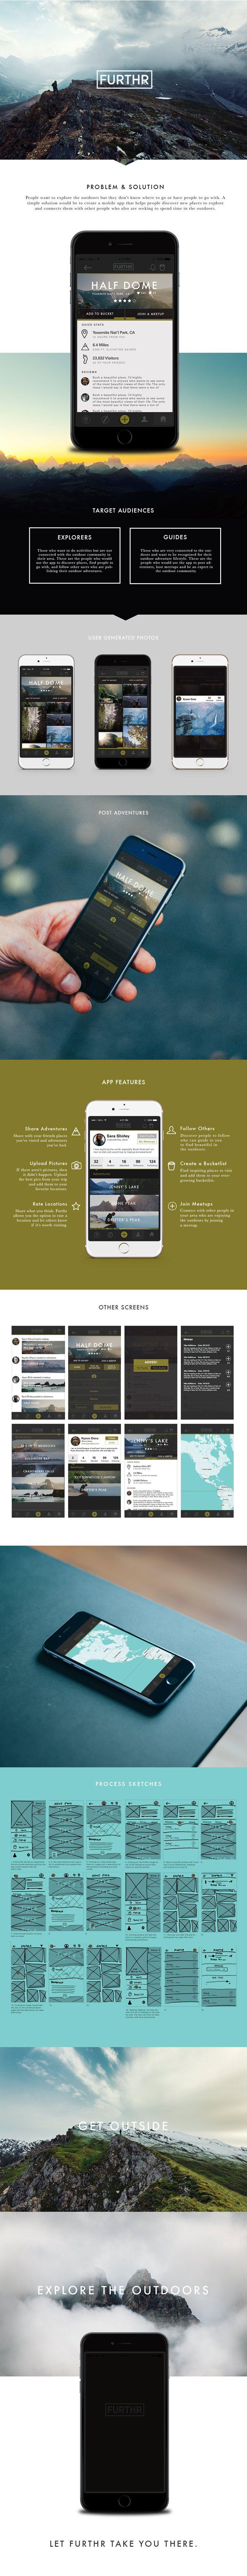 21 best Application images on Pinterest | App design, Application ...